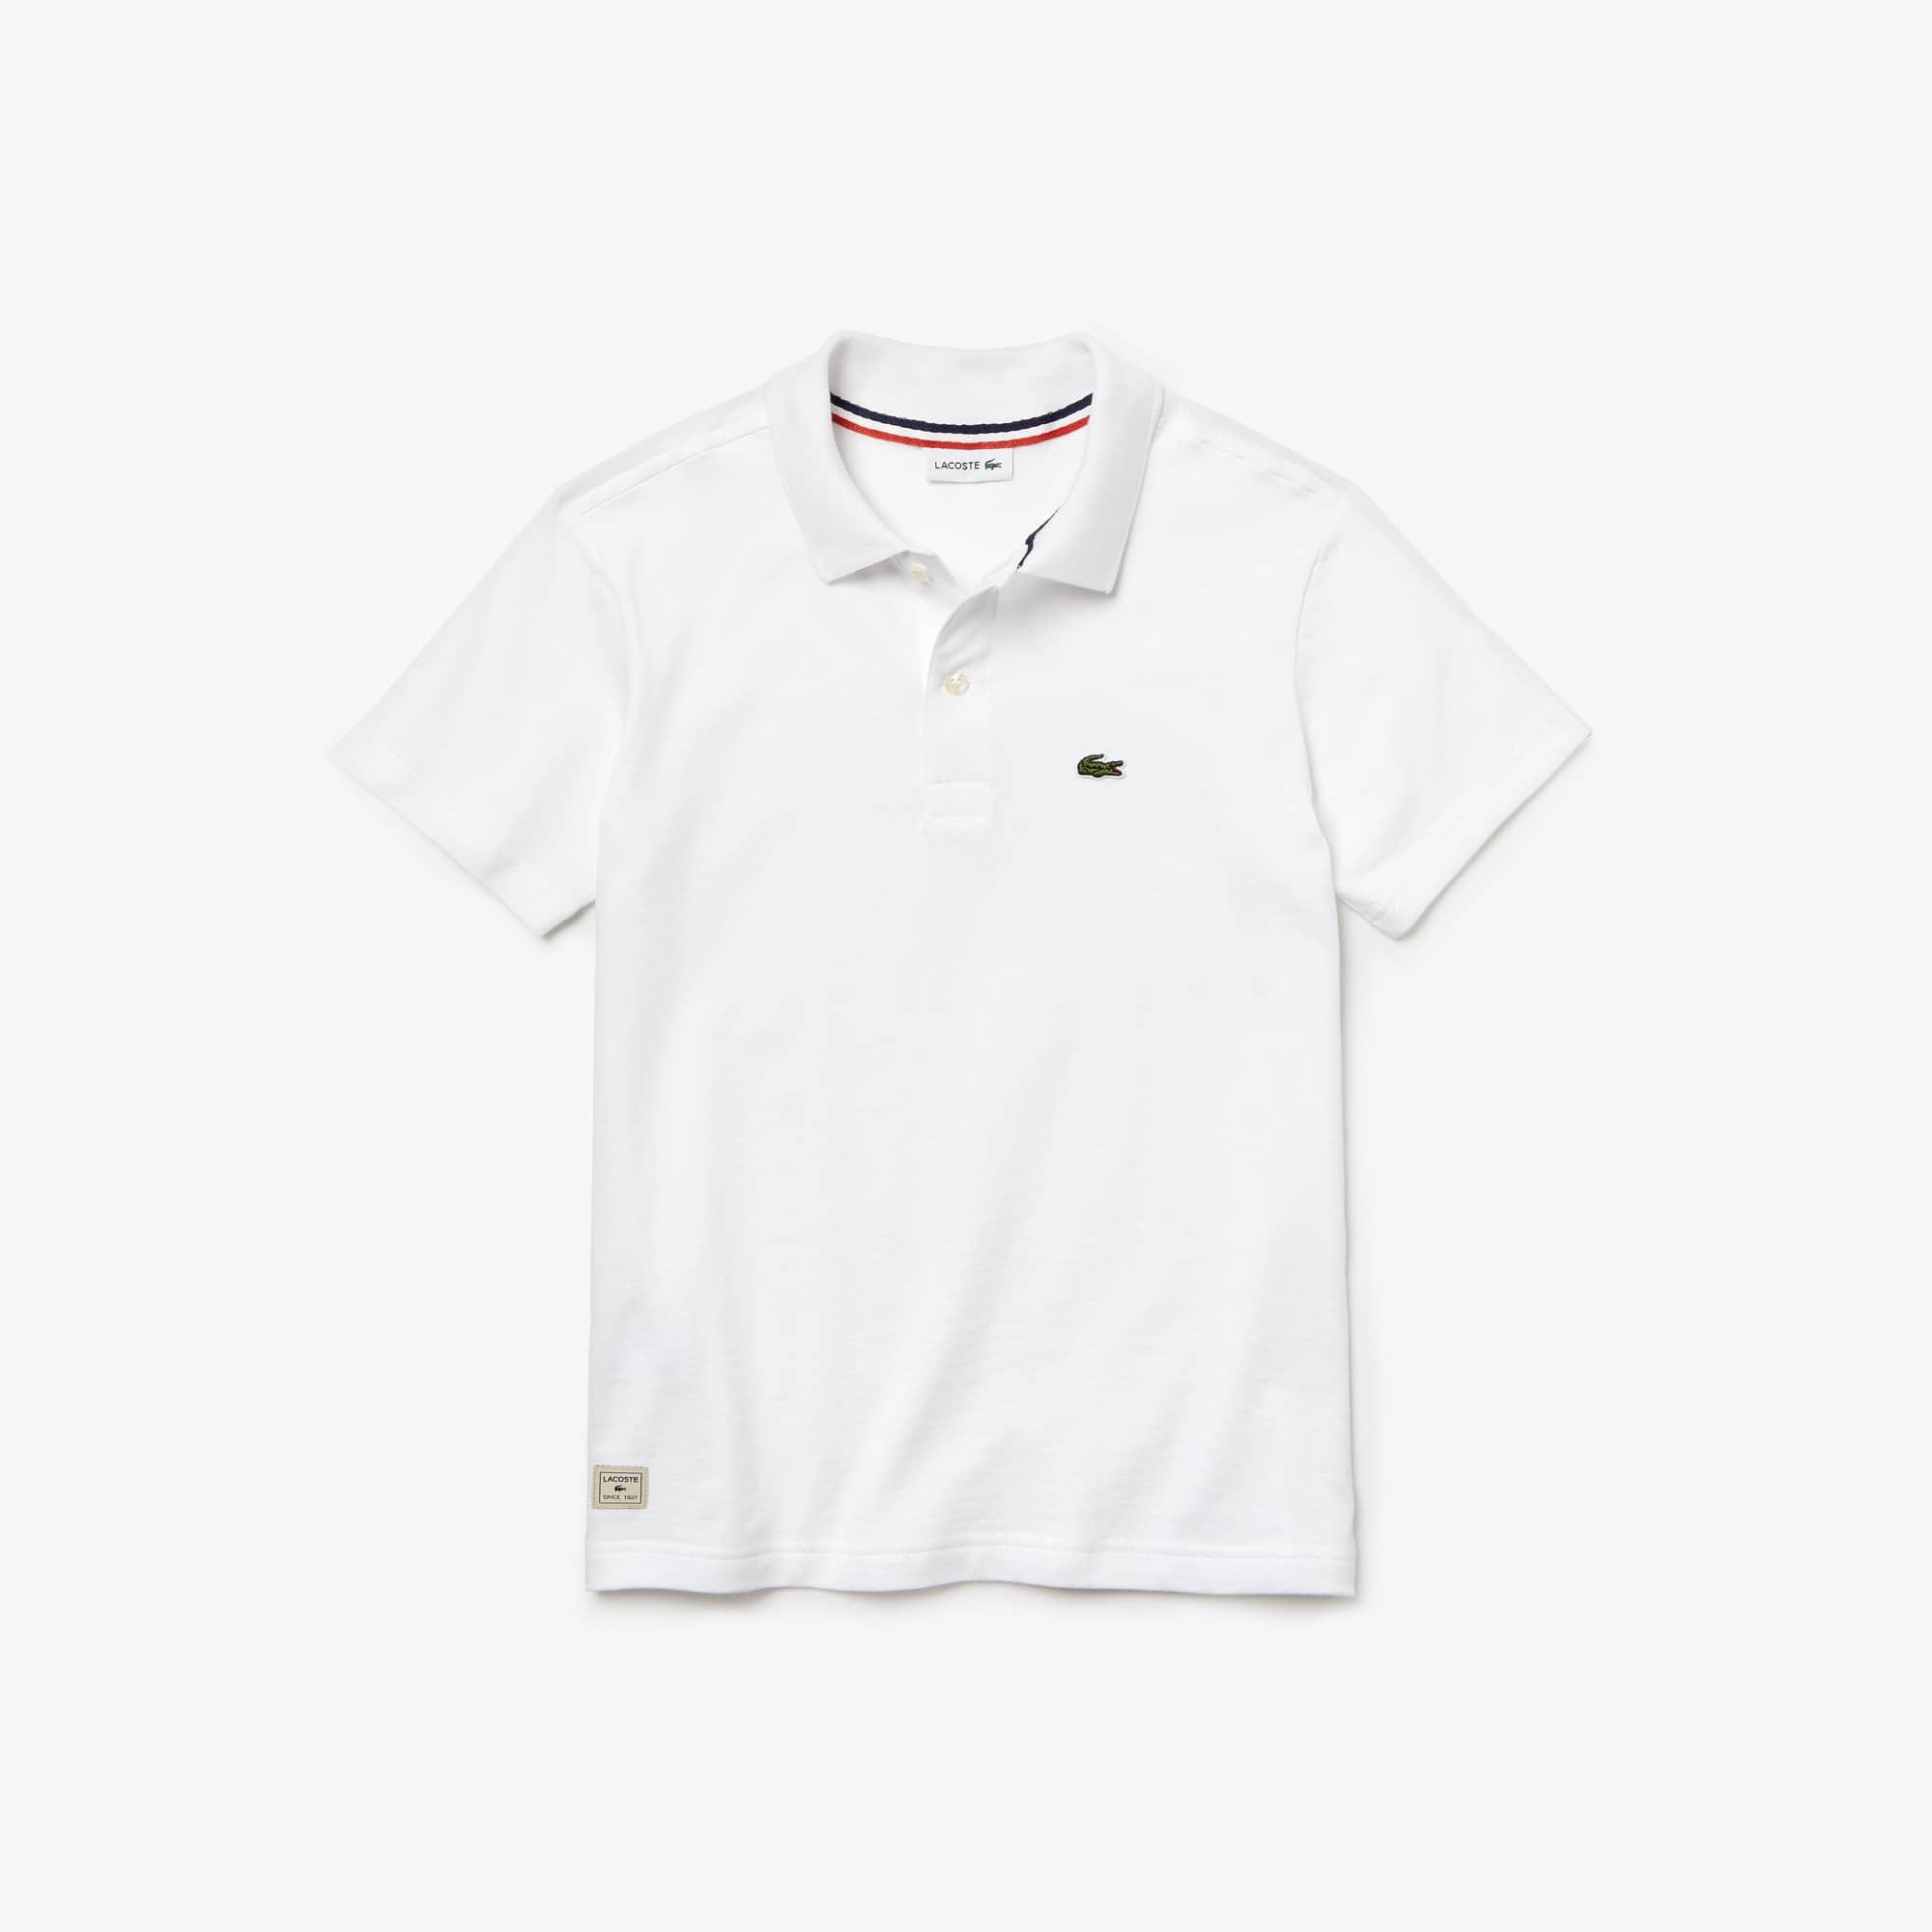 Camisa Polo Lacoste Infantil Masculina em Jérsei de Algodão